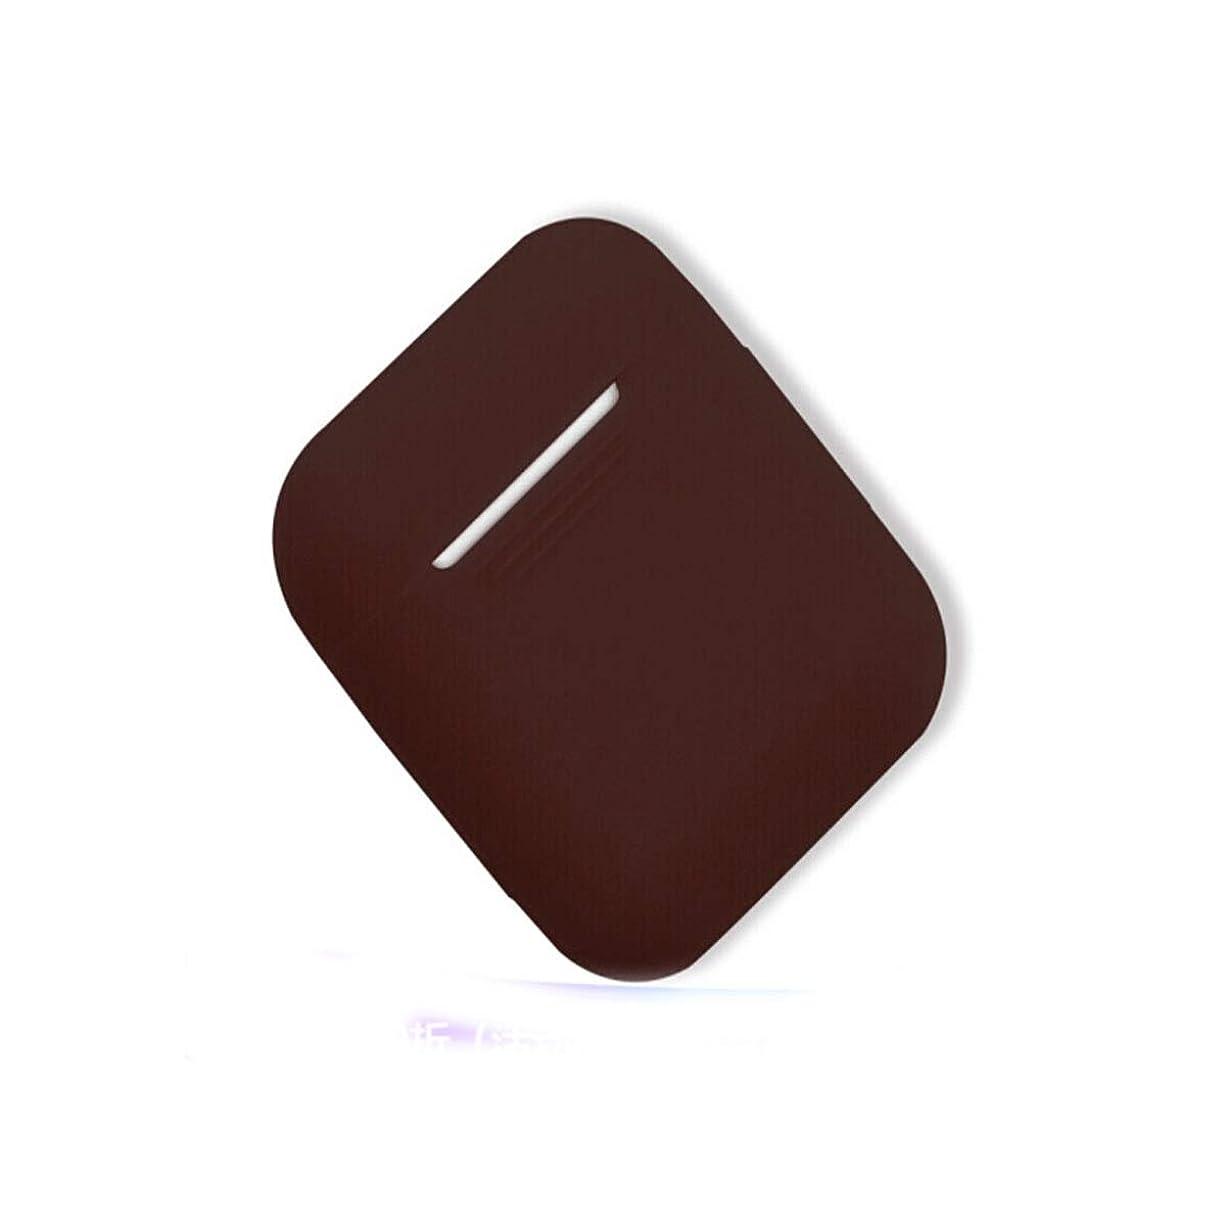 狂乱印刷する別れるShengshihuizhong AirPodケース、ワイヤレスBluetoothヘッドセットシリコンケース、さまざまな色から選択可能 最新のスタイル (Color : Brown)